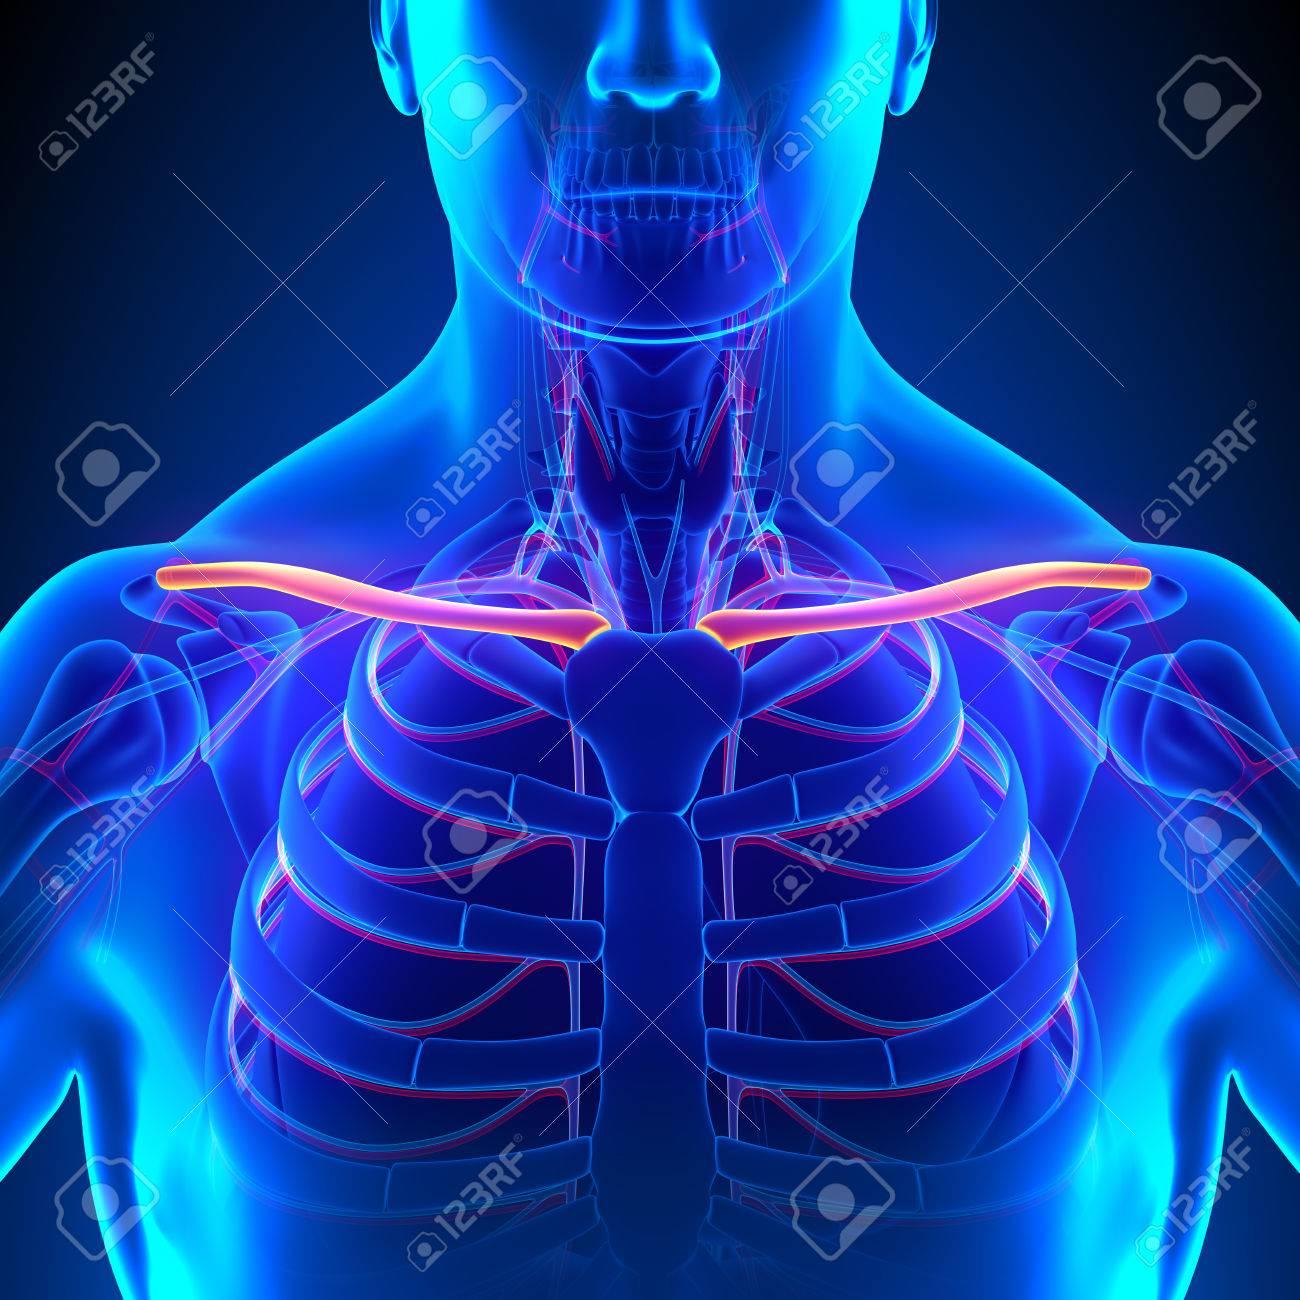 Clavícula Hueso Anatomía Con El Sistema Circulatorio Fotos, Retratos ...